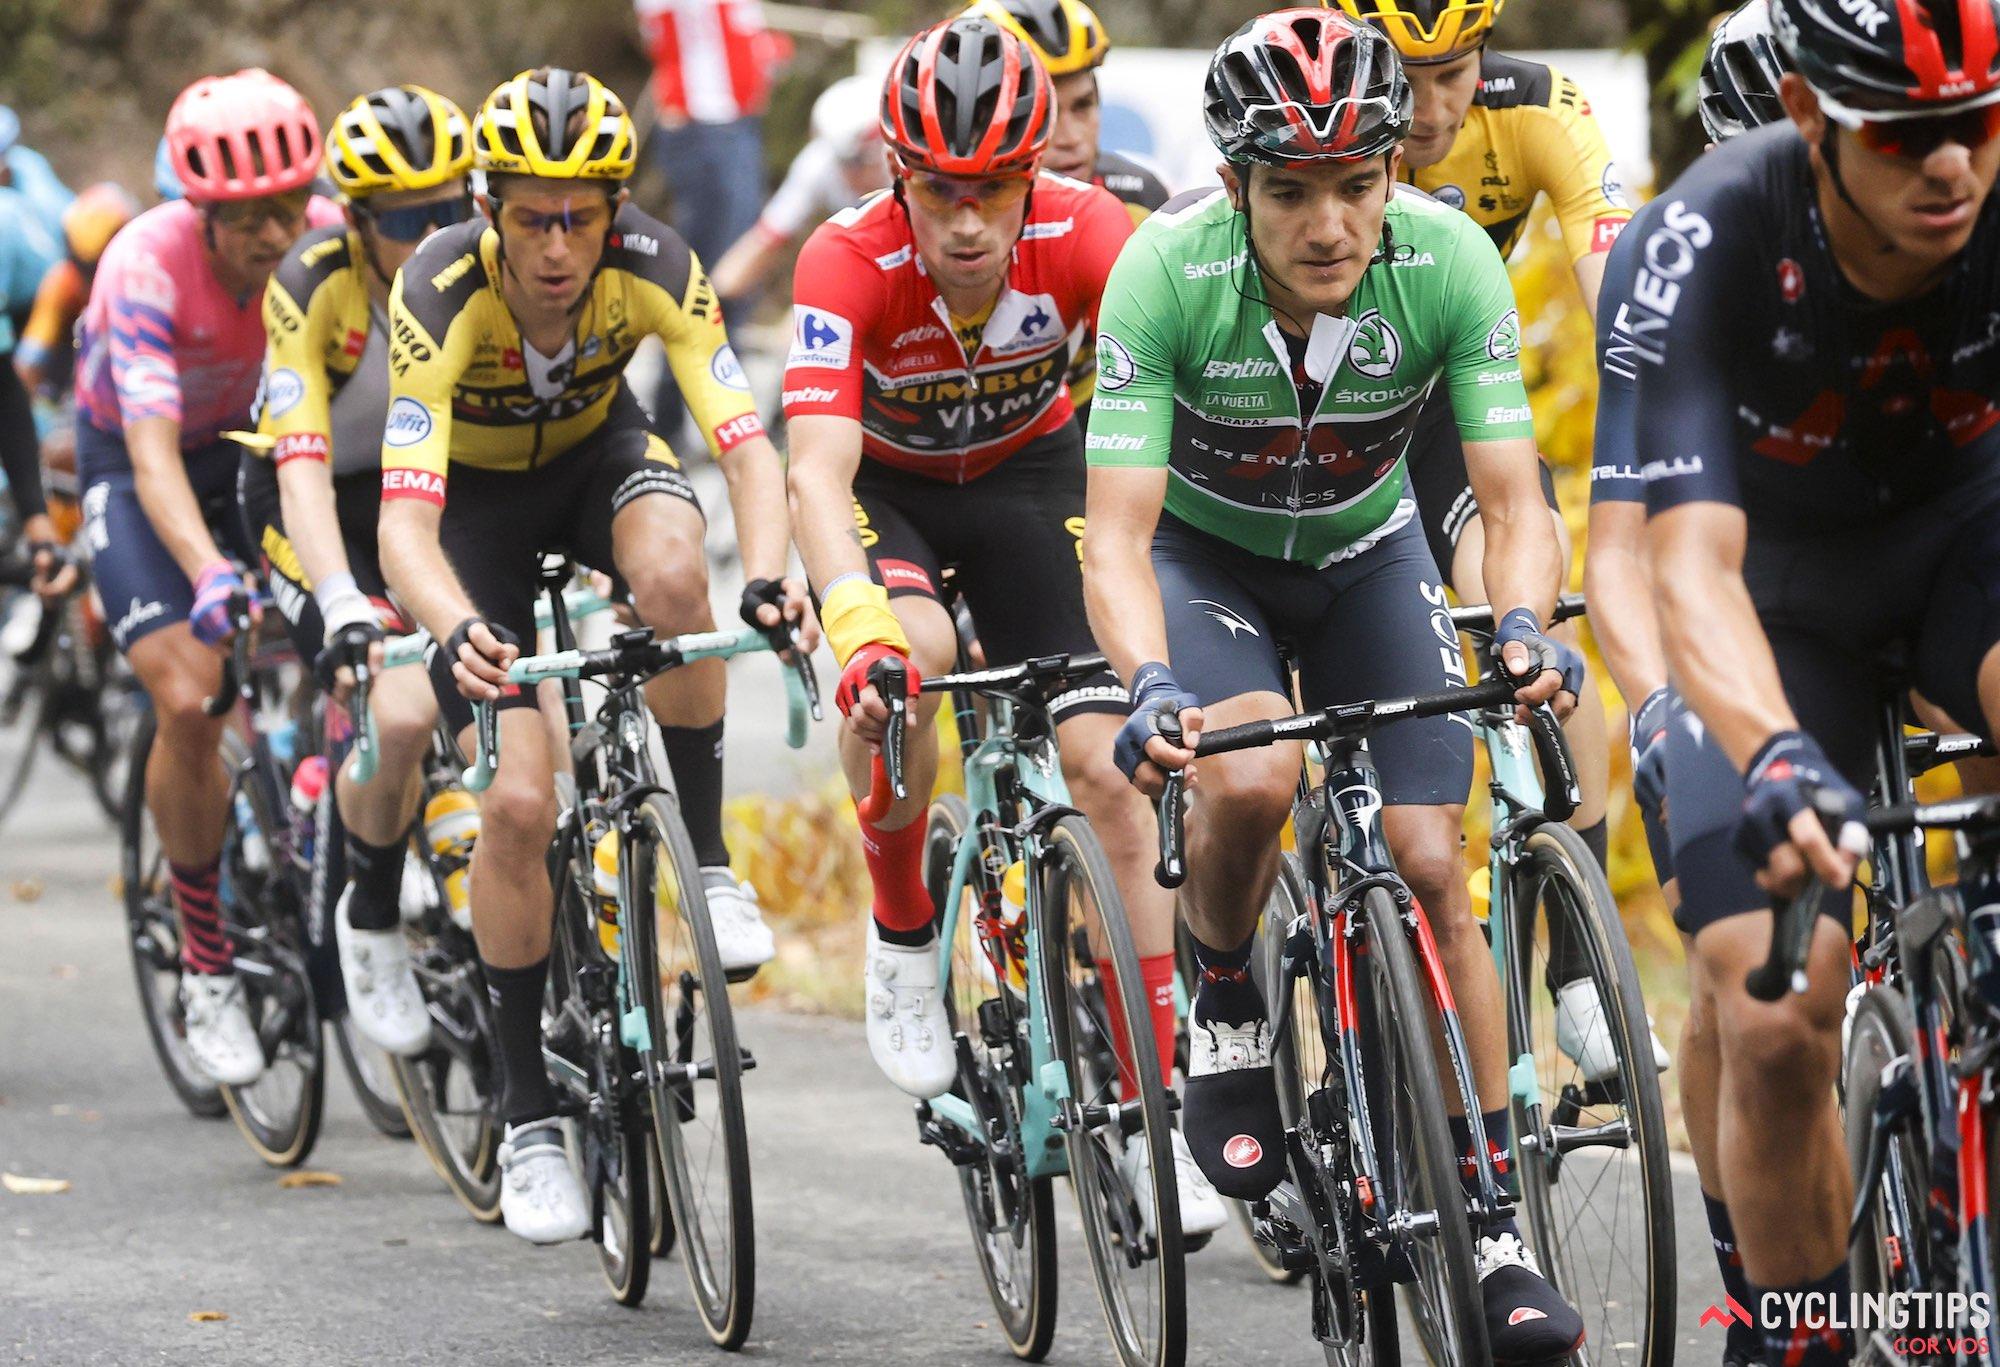 Este fin de semana será un final apropiado para tres emocionantes Grand Tours